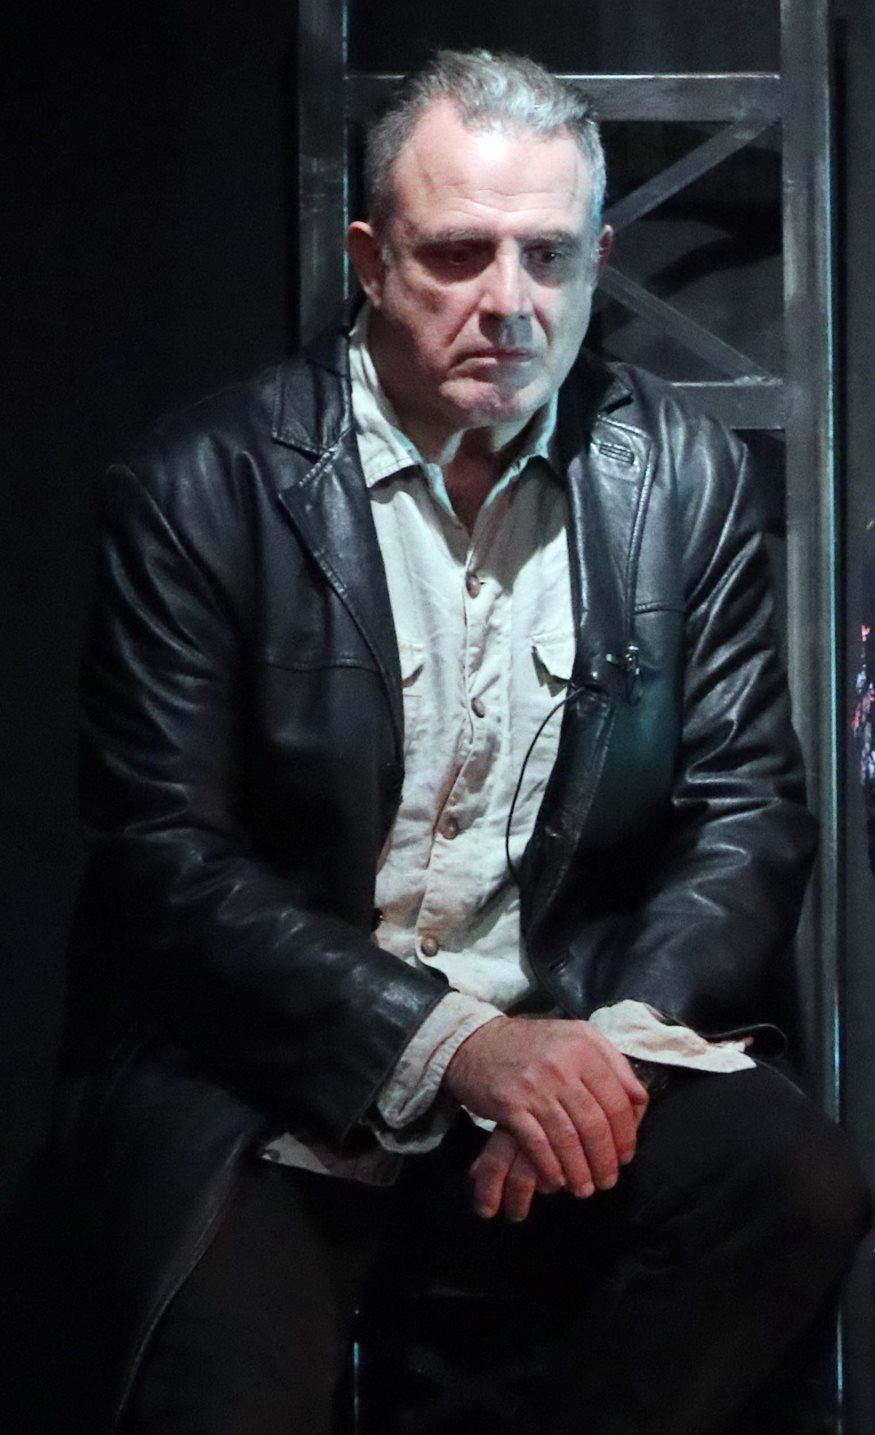 Πασχάλης Τσαρούχας: Το αντίο του στον τραγουδιστή των Prodigy, Keith Flint